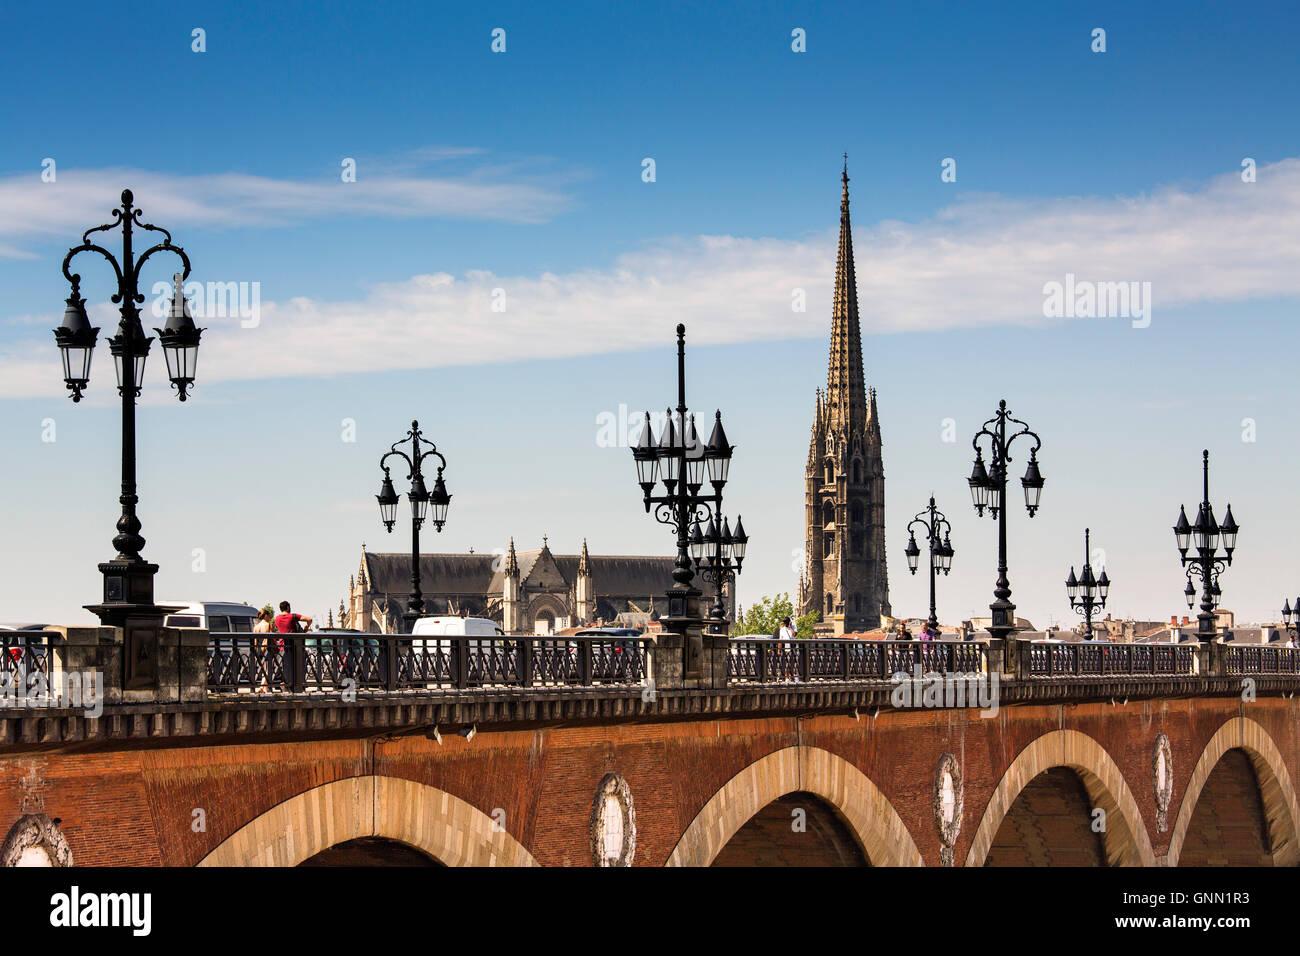 Pont De Pierre and Saint-Michel freestanding bell tower 'La Flèche'. Bordeaux, Gironde. Aquitaine France - Stock Image